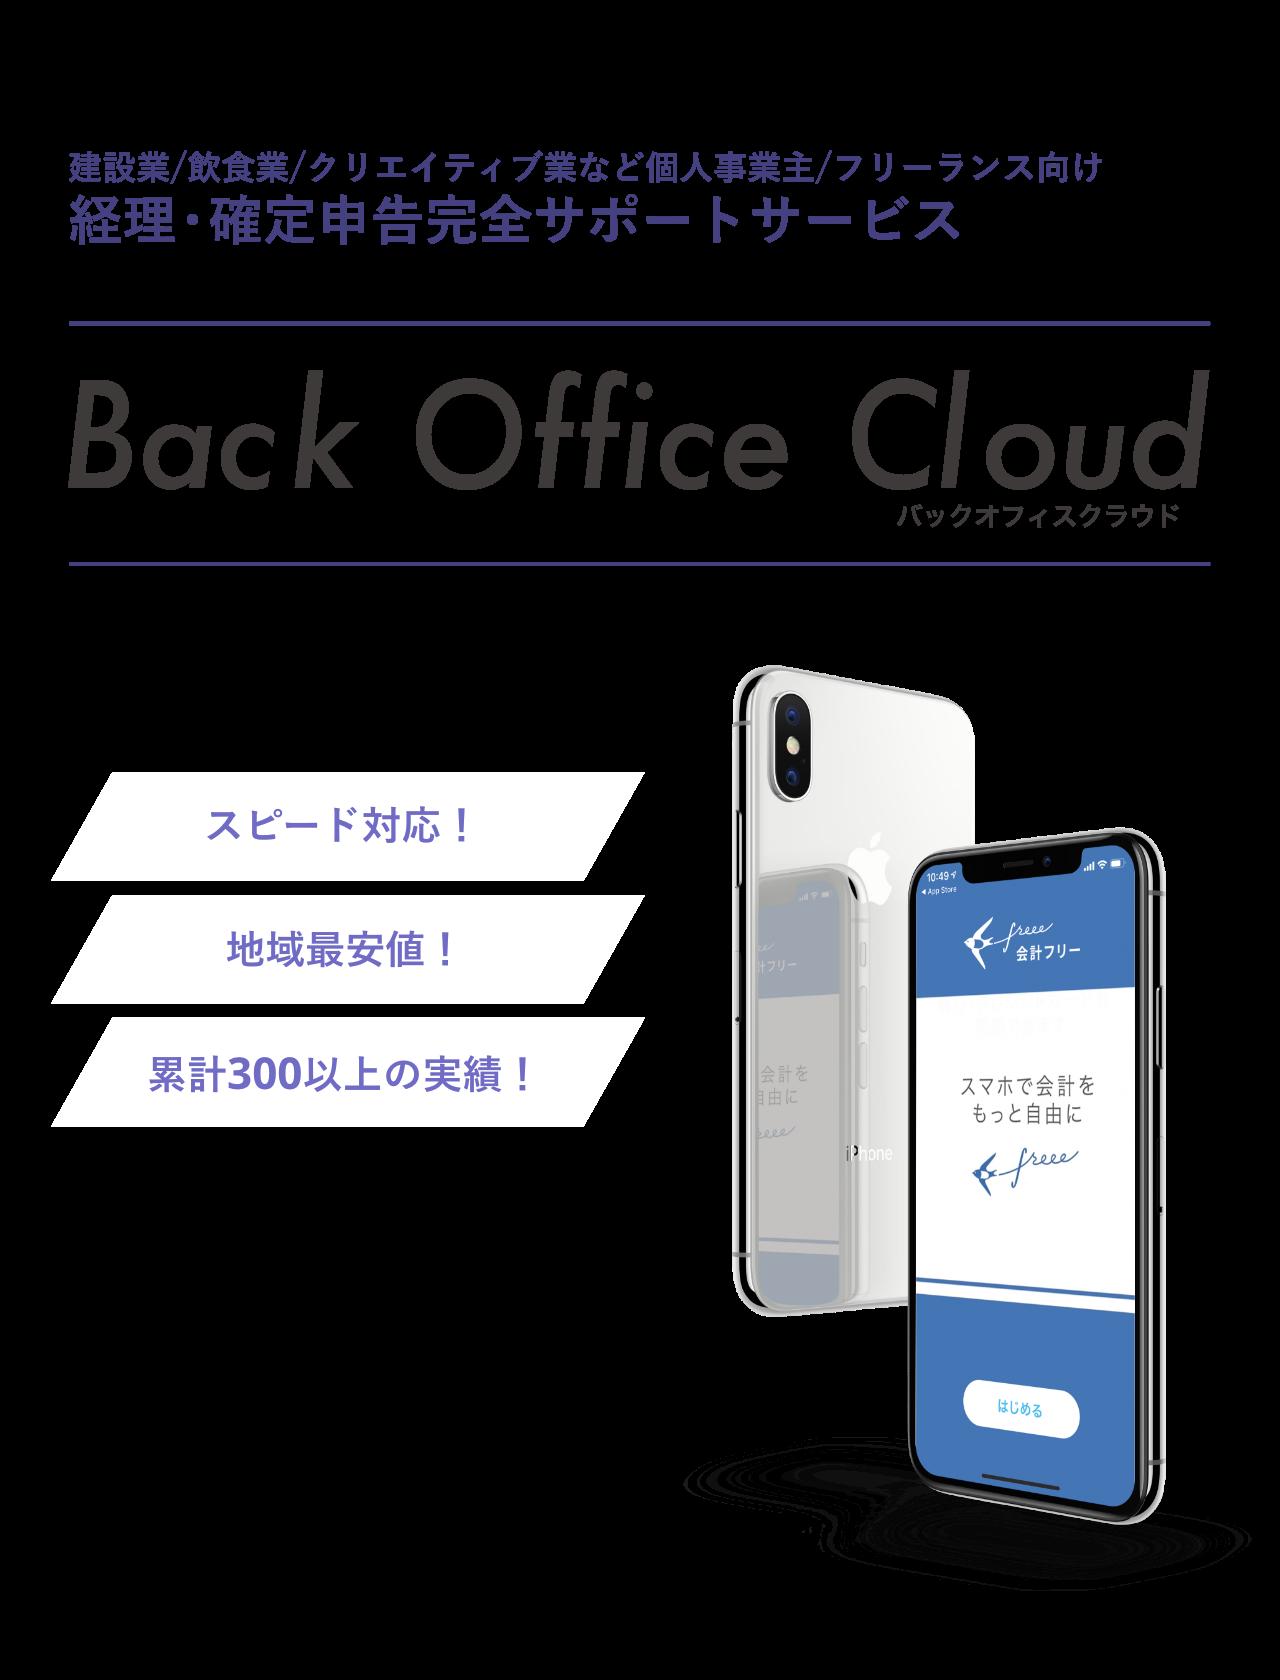 Back Office Cloud(バックオフィスクラウド)